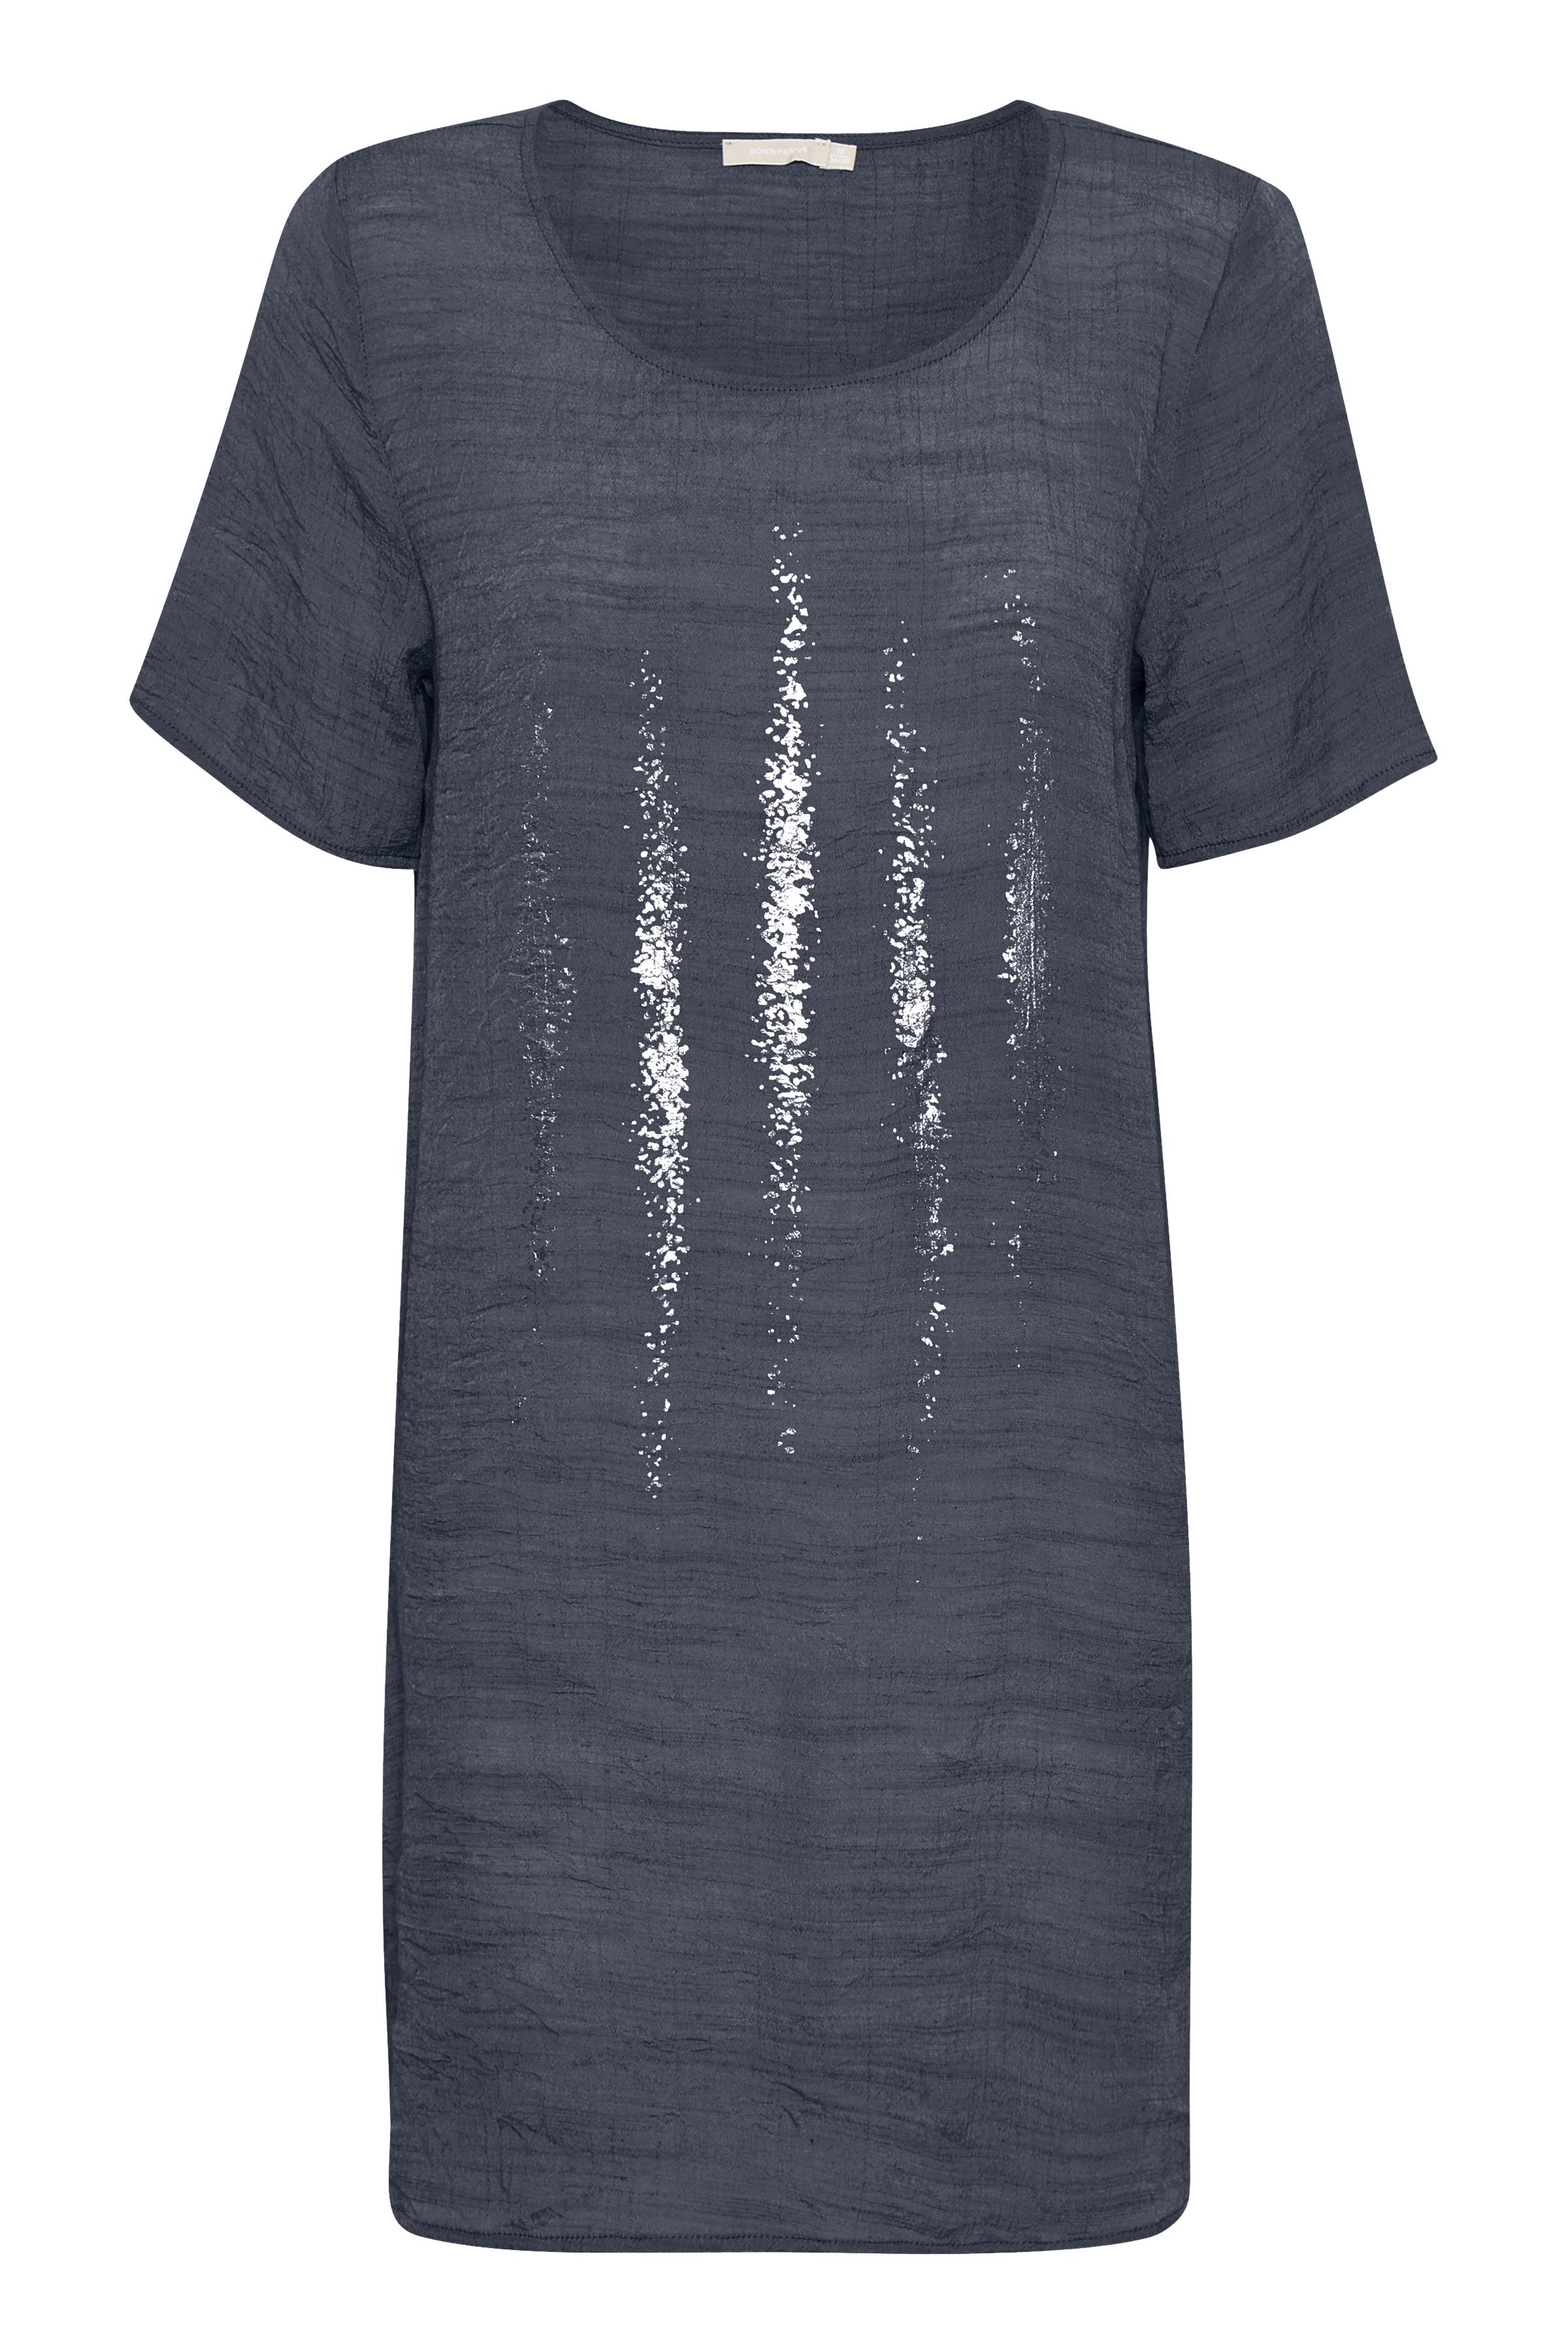 Mørkeblå Tunika fra Bon'A Parte – Køb Mørkeblå Tunika fra str. S-2XL her